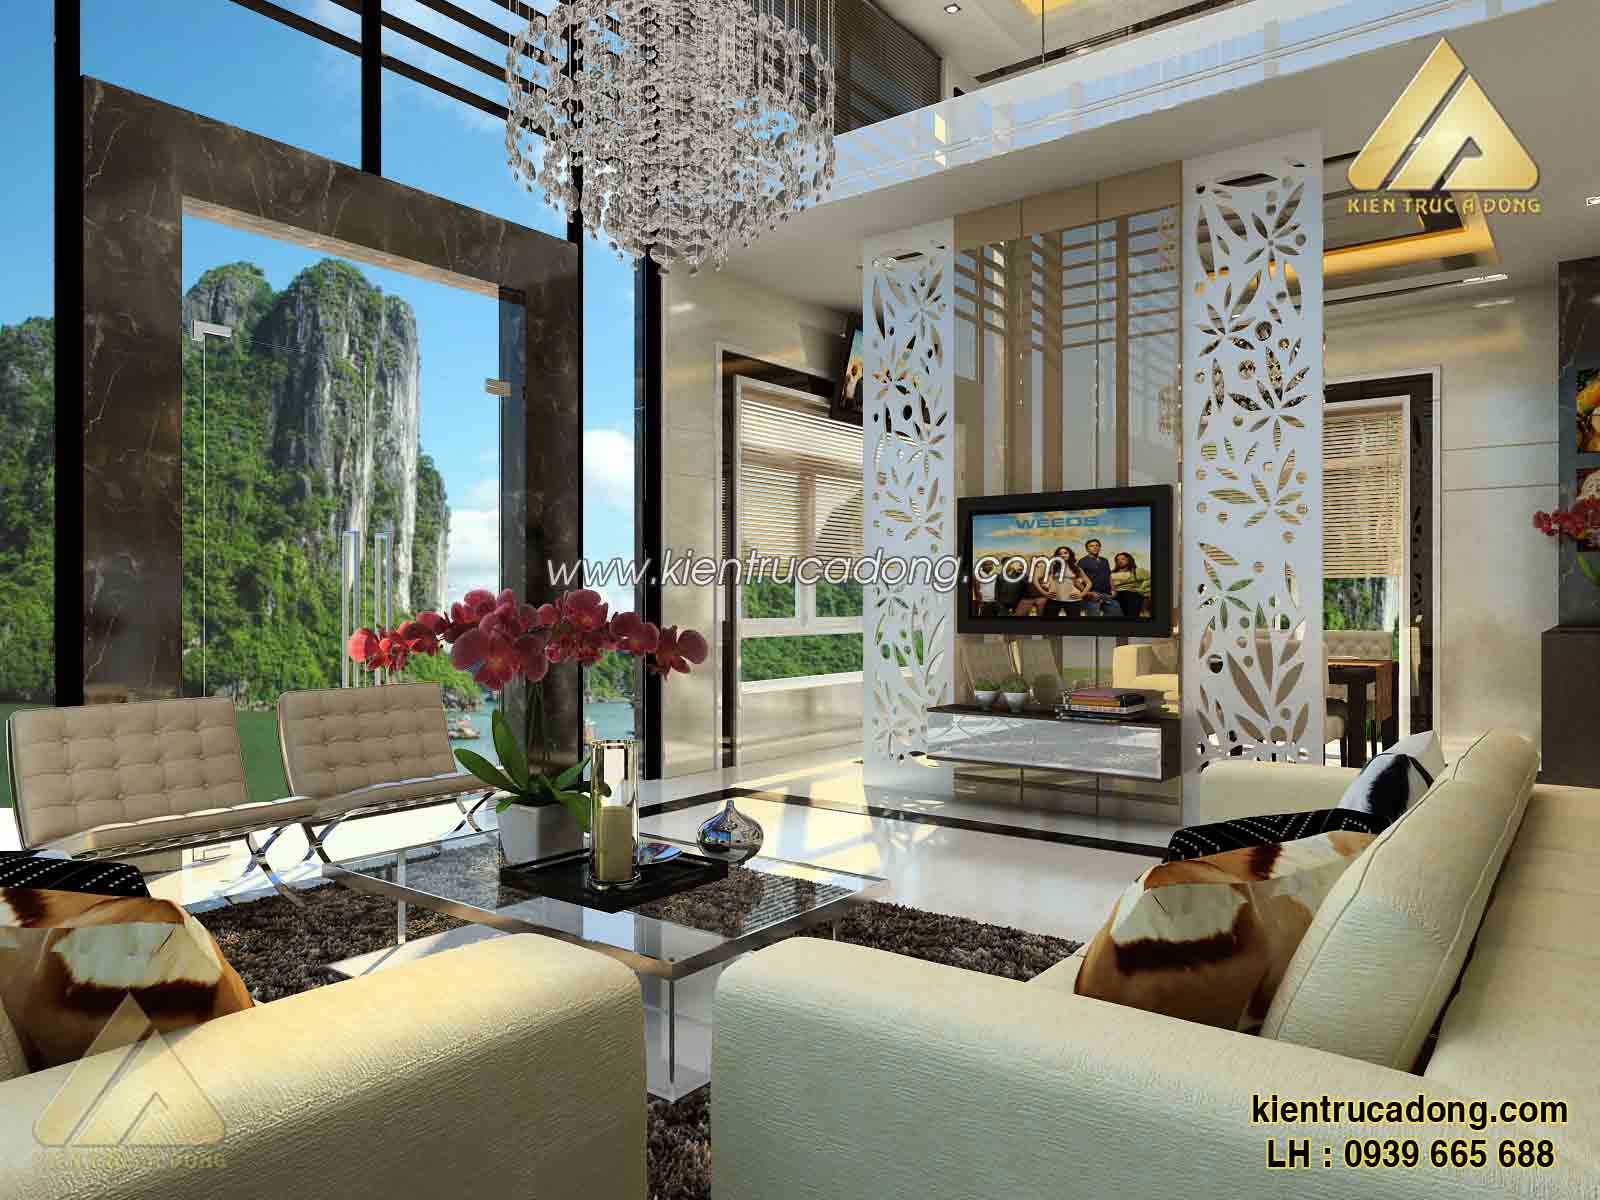 Tìm hiểu những đặc điểm biệt thự hiện đại trong thiết kế kiến trúc